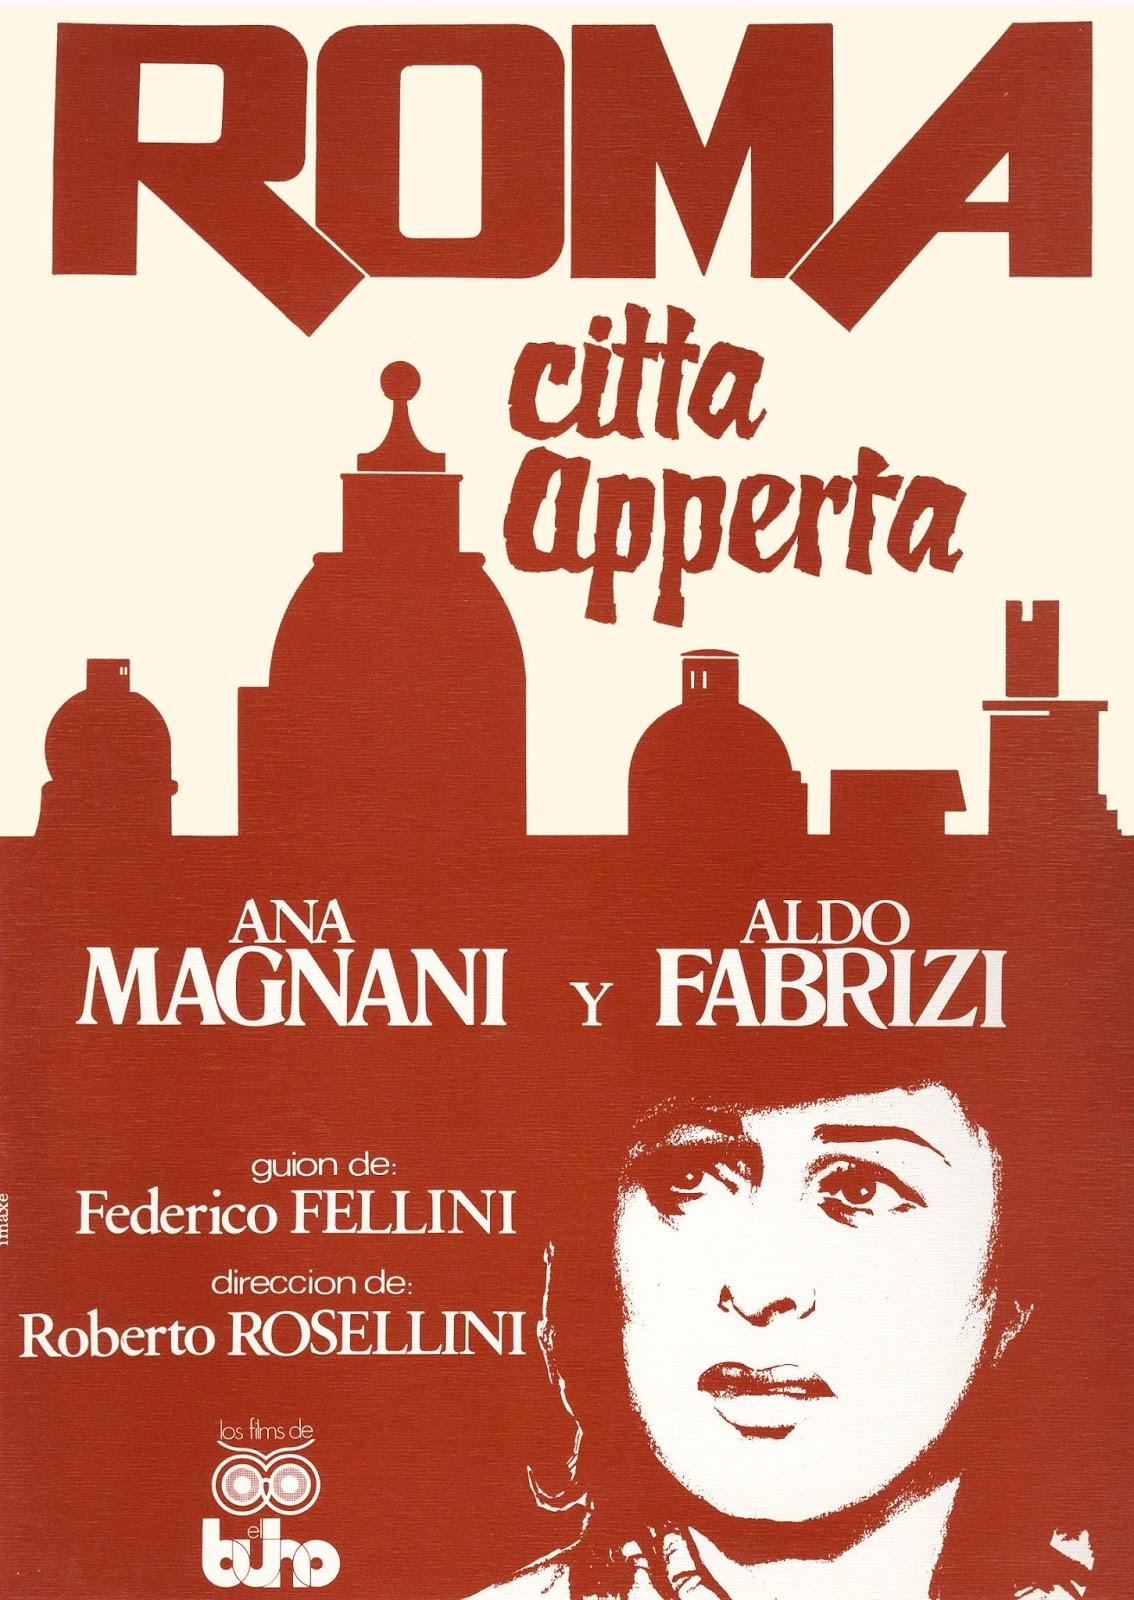 Cartel de la película : Roma, ciudad abierta de Roberto Rossellini